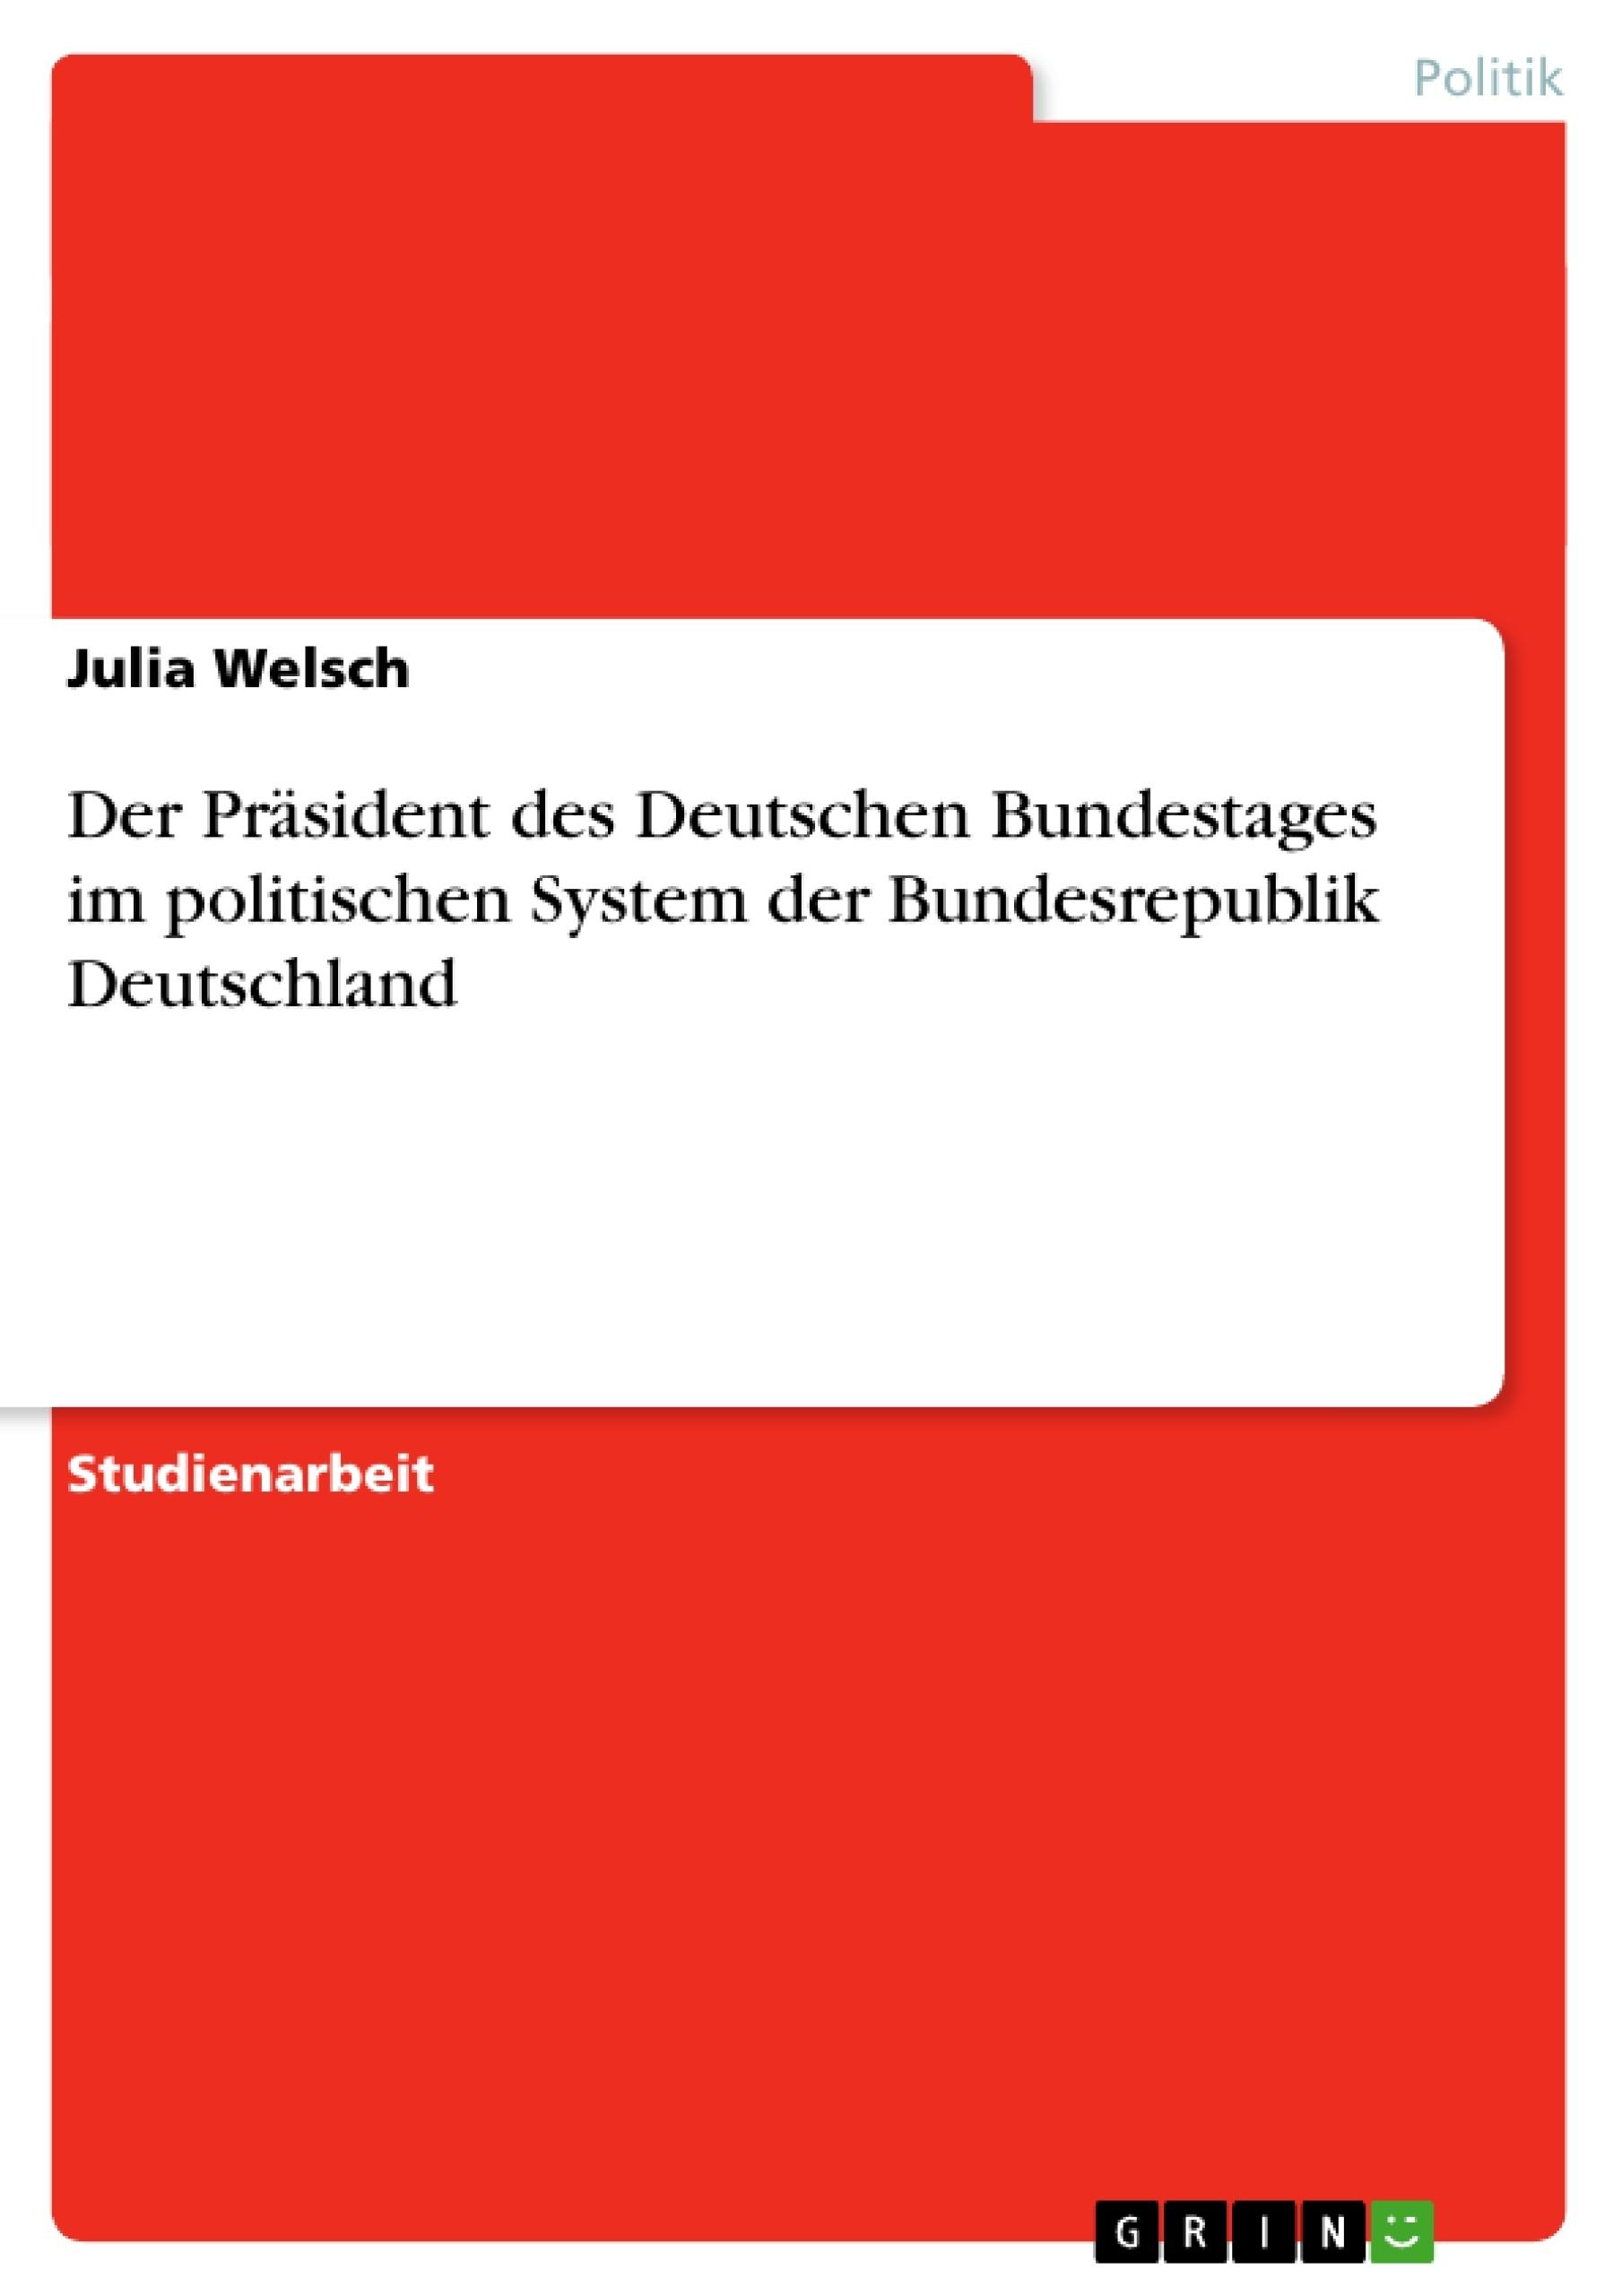 Titel: Der Präsident des Deutschen Bundestages im politischen System der Bundesrepublik Deutschland